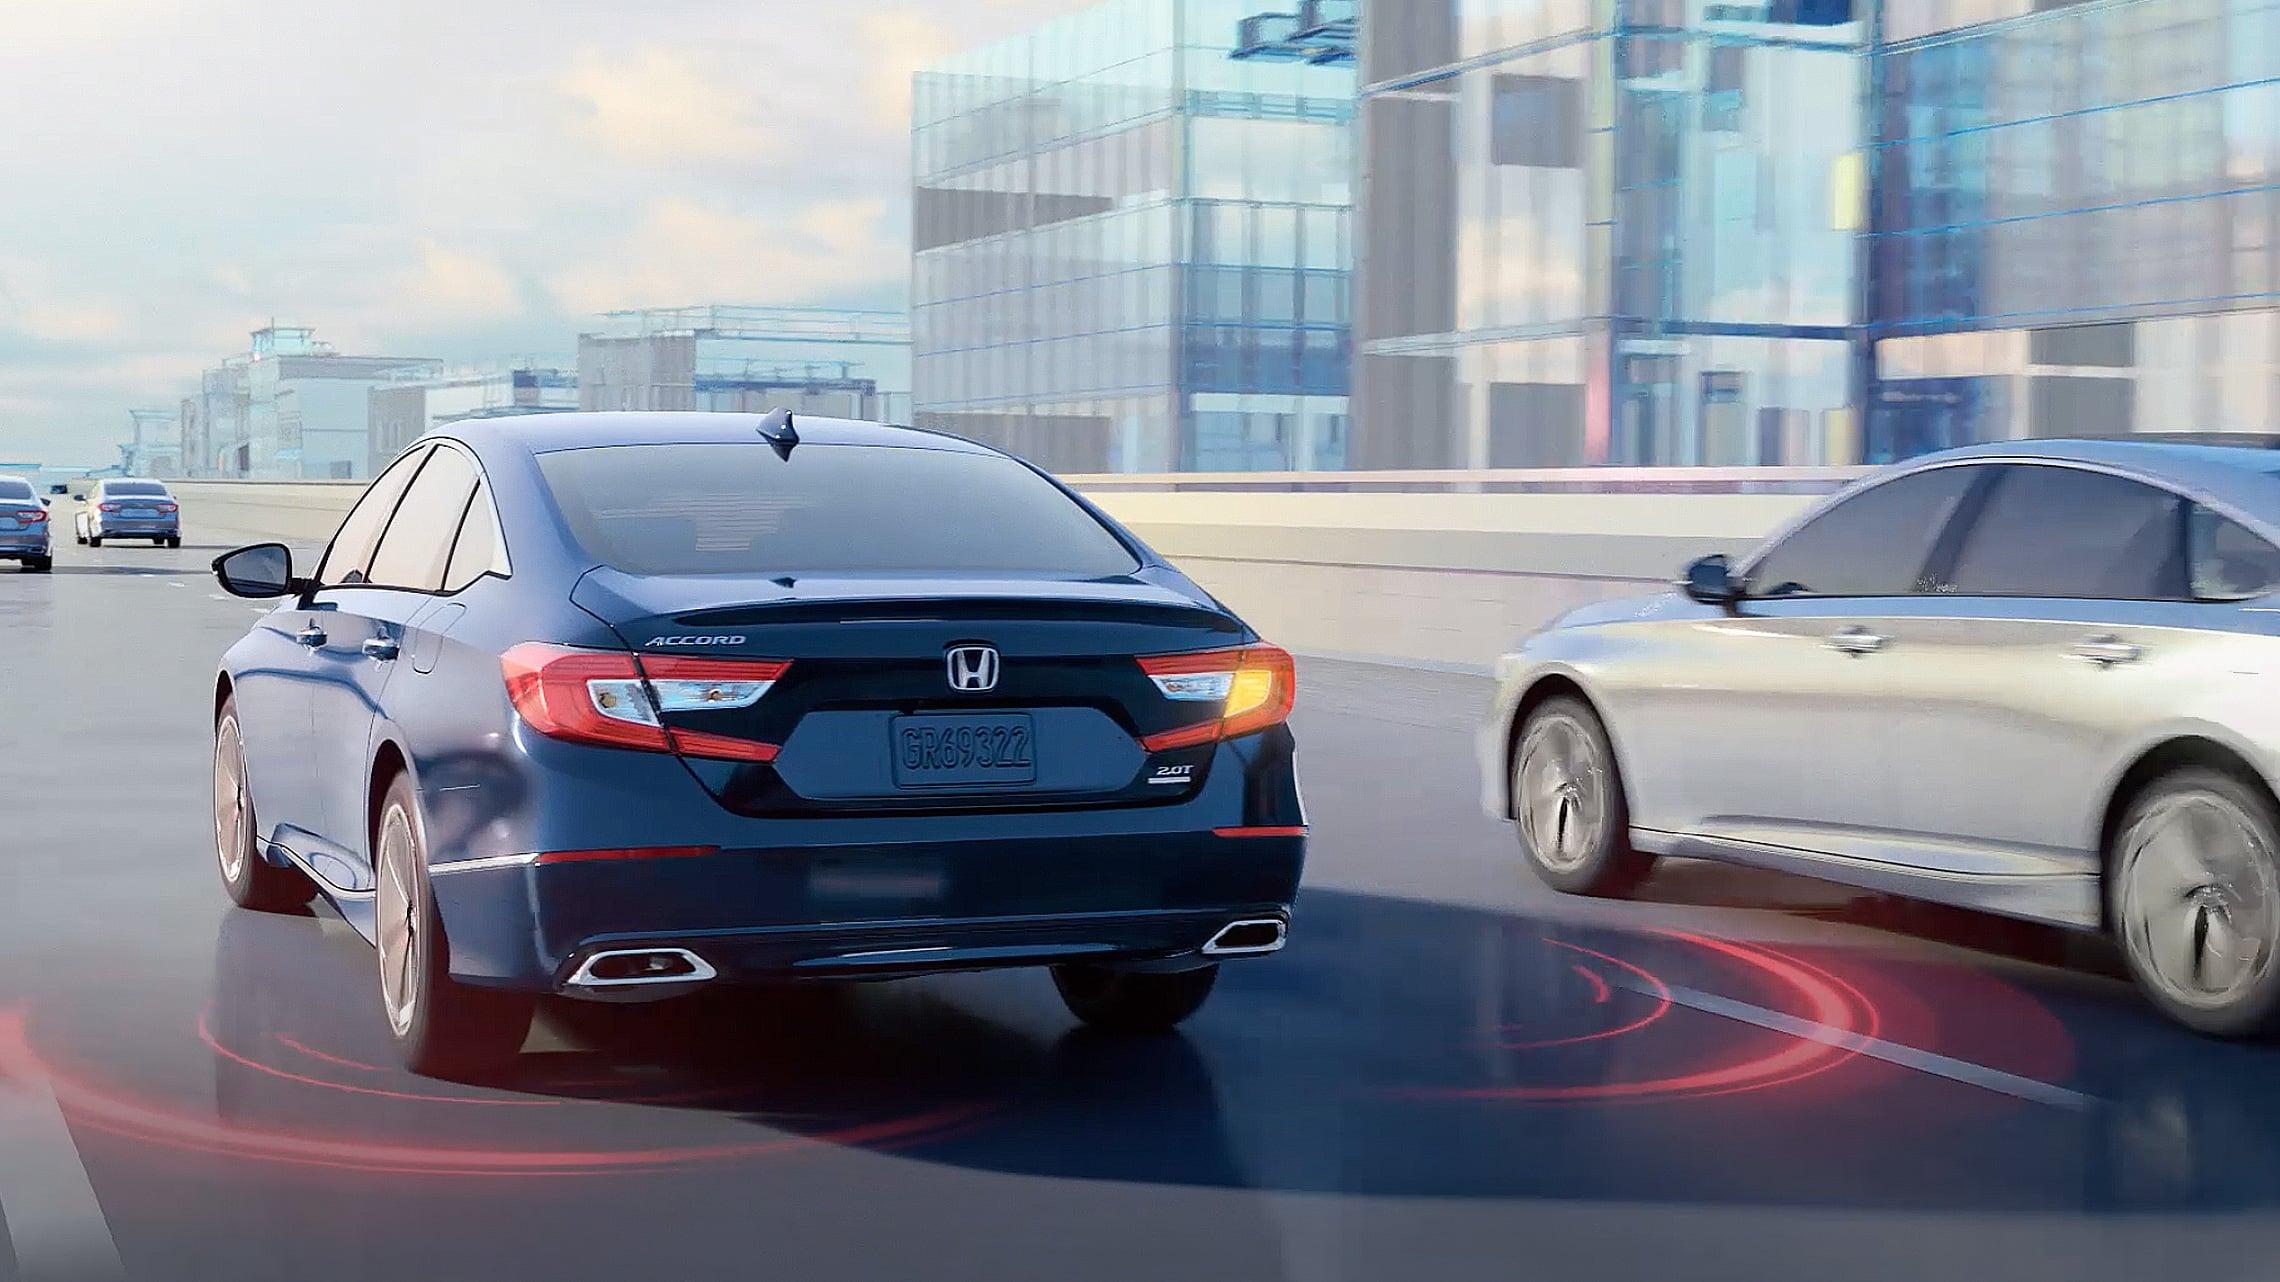 El Honda Accord2020 mostrando la característica Honda Sensing®.